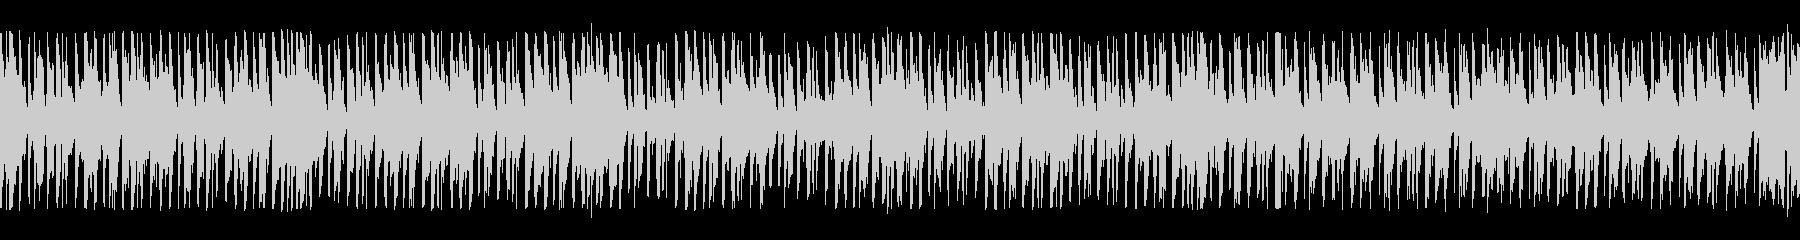 淡々と進めていくBGMの未再生の波形